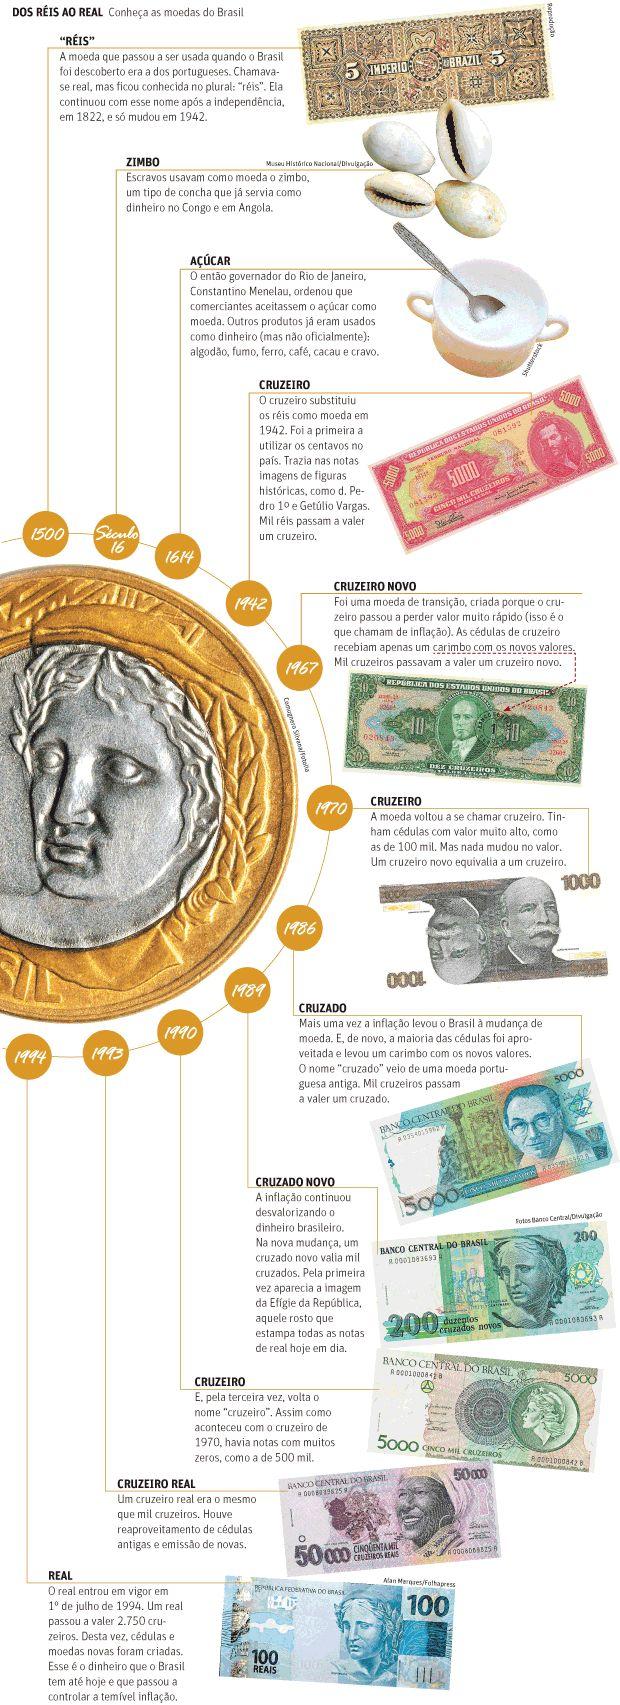 Saiba o que é inflação e por que o Brasil mudou tantas vezes de moeda - 26/07/2014 - Folhinha - Folha de S.Paulo